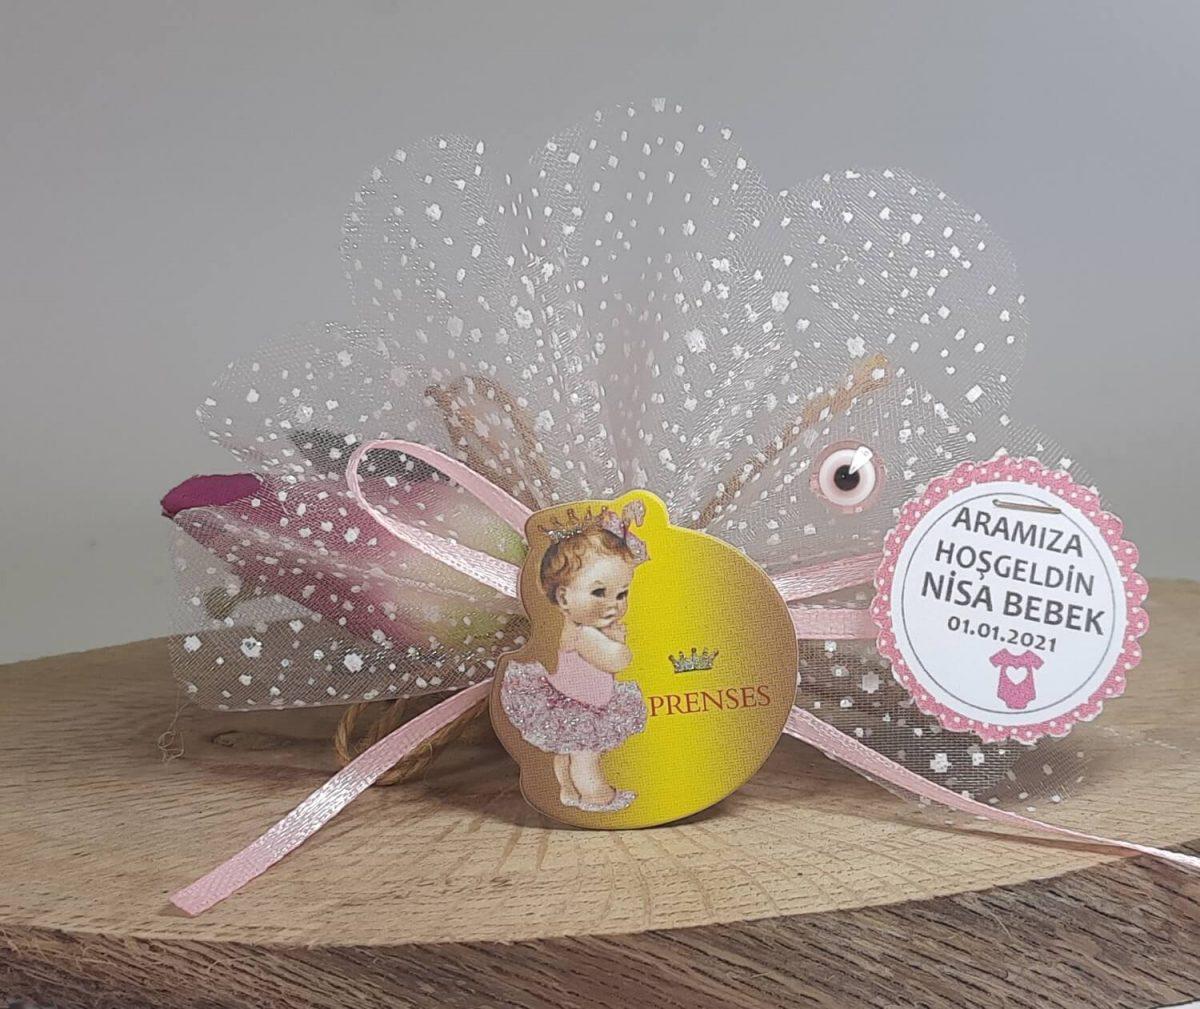 Prenses Yazılı Ucuz Bebek Magneti